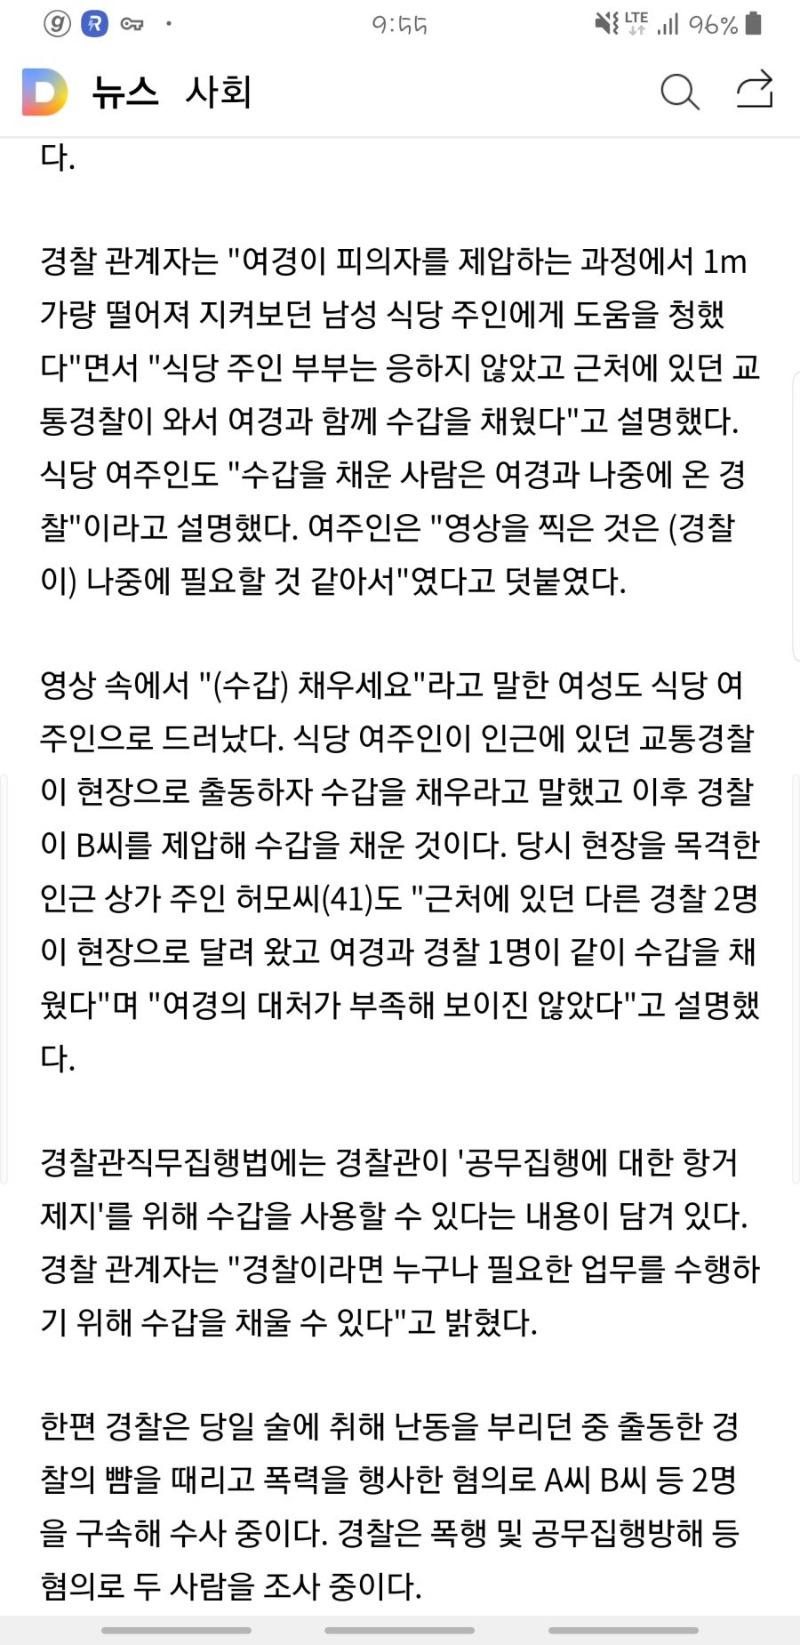 대림동 멀티 유니버스